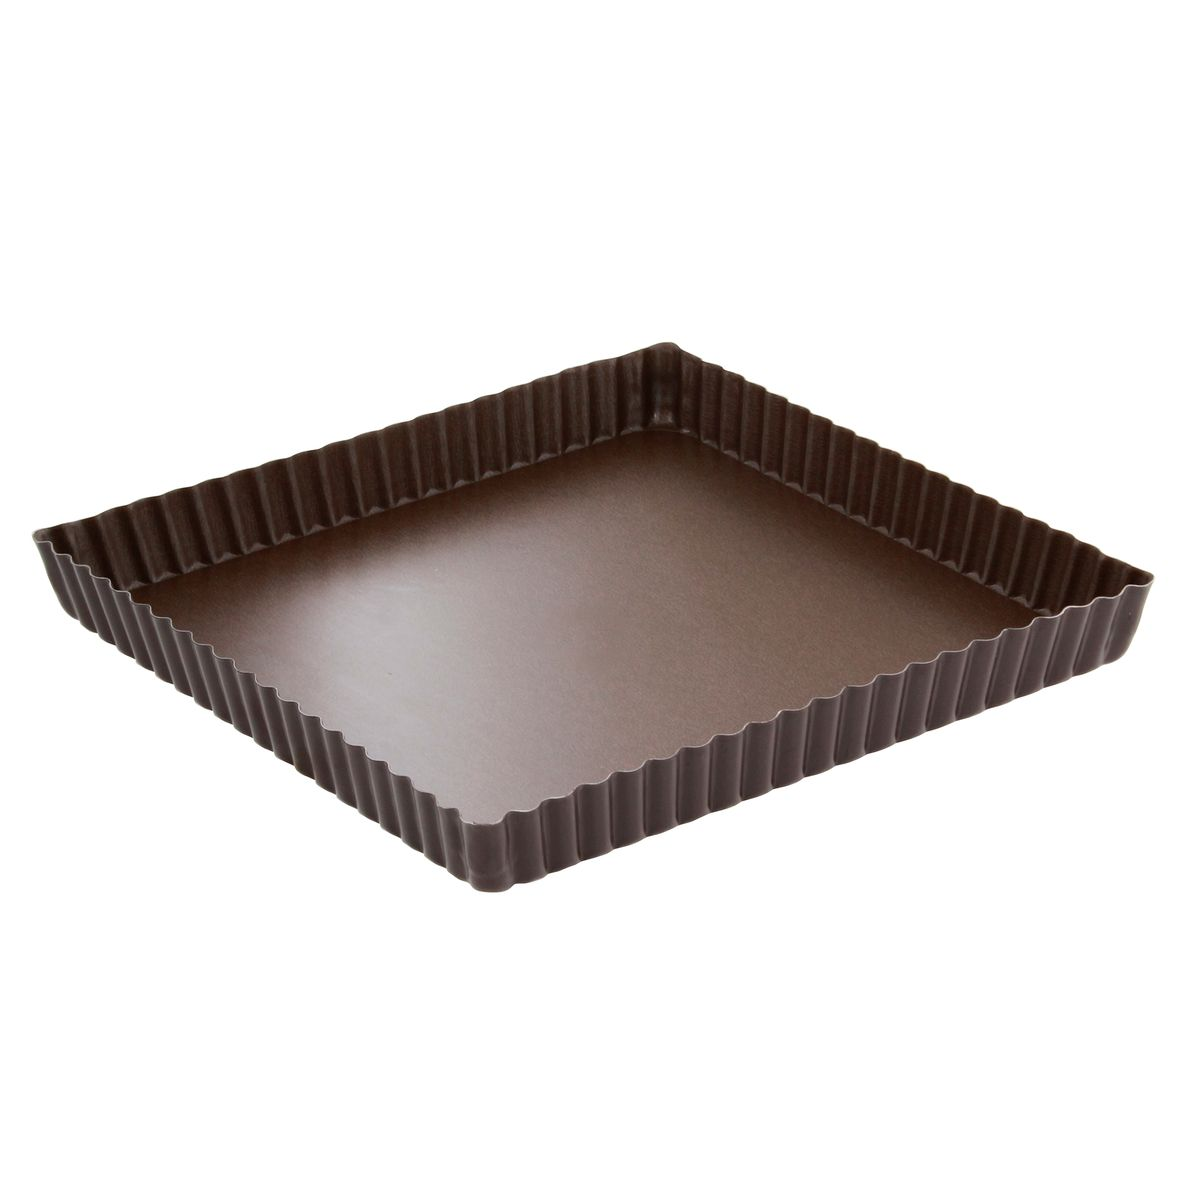 Moule à tarte carré cannelé anti adhérent 23 cm hauteur 2.5 cm - Gobel